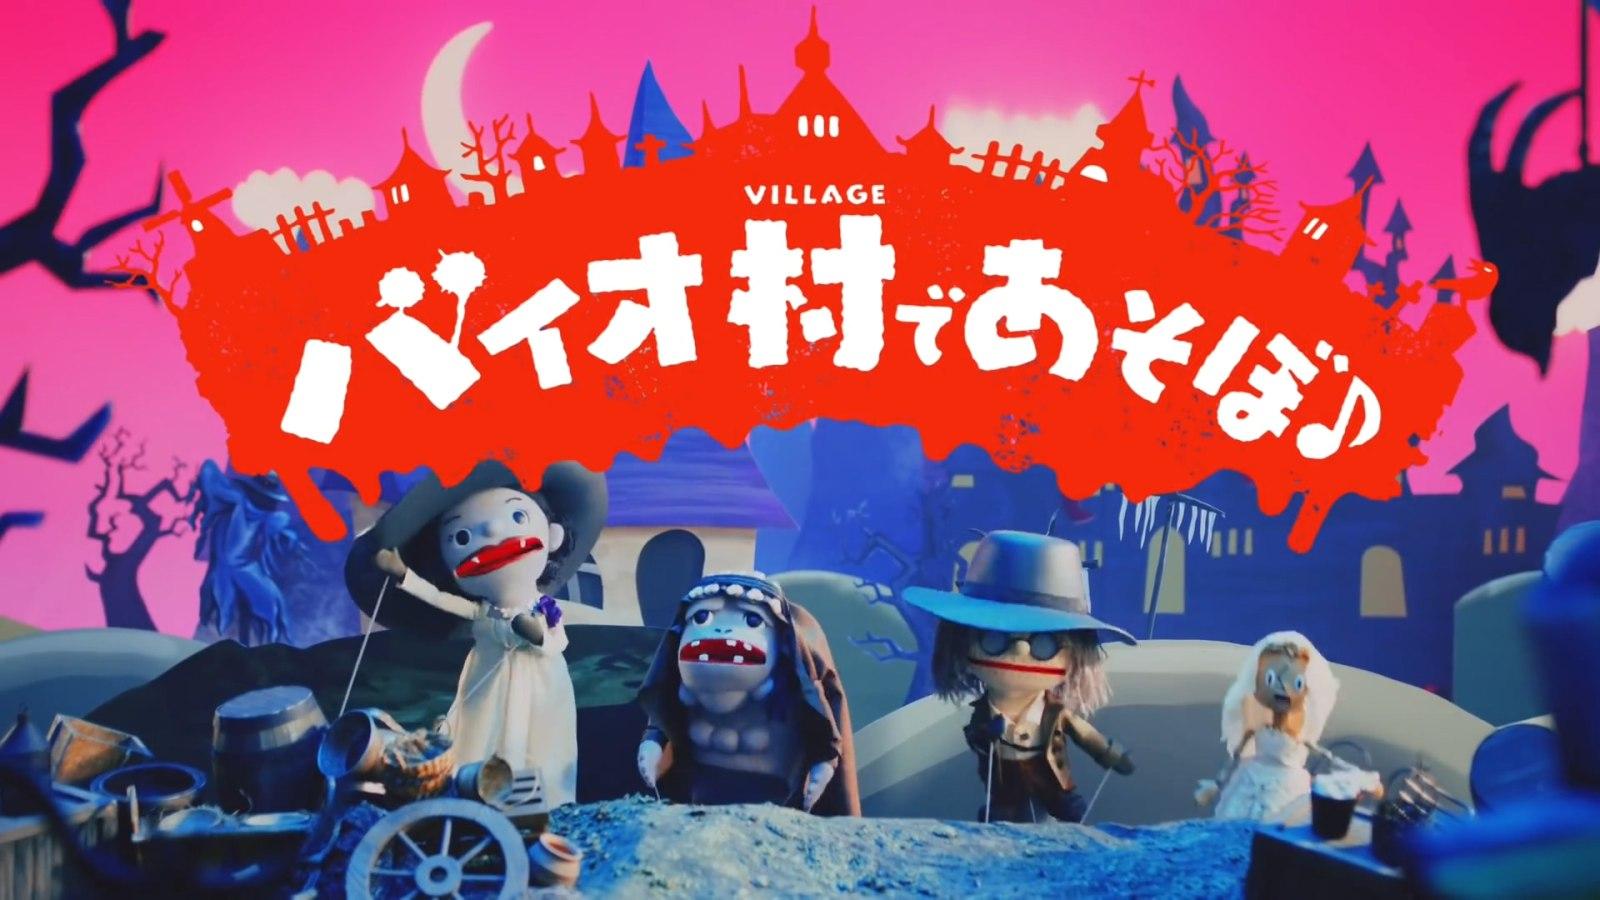 是超·可爱的村~《生化危机:Village》发布人偶剧预告片